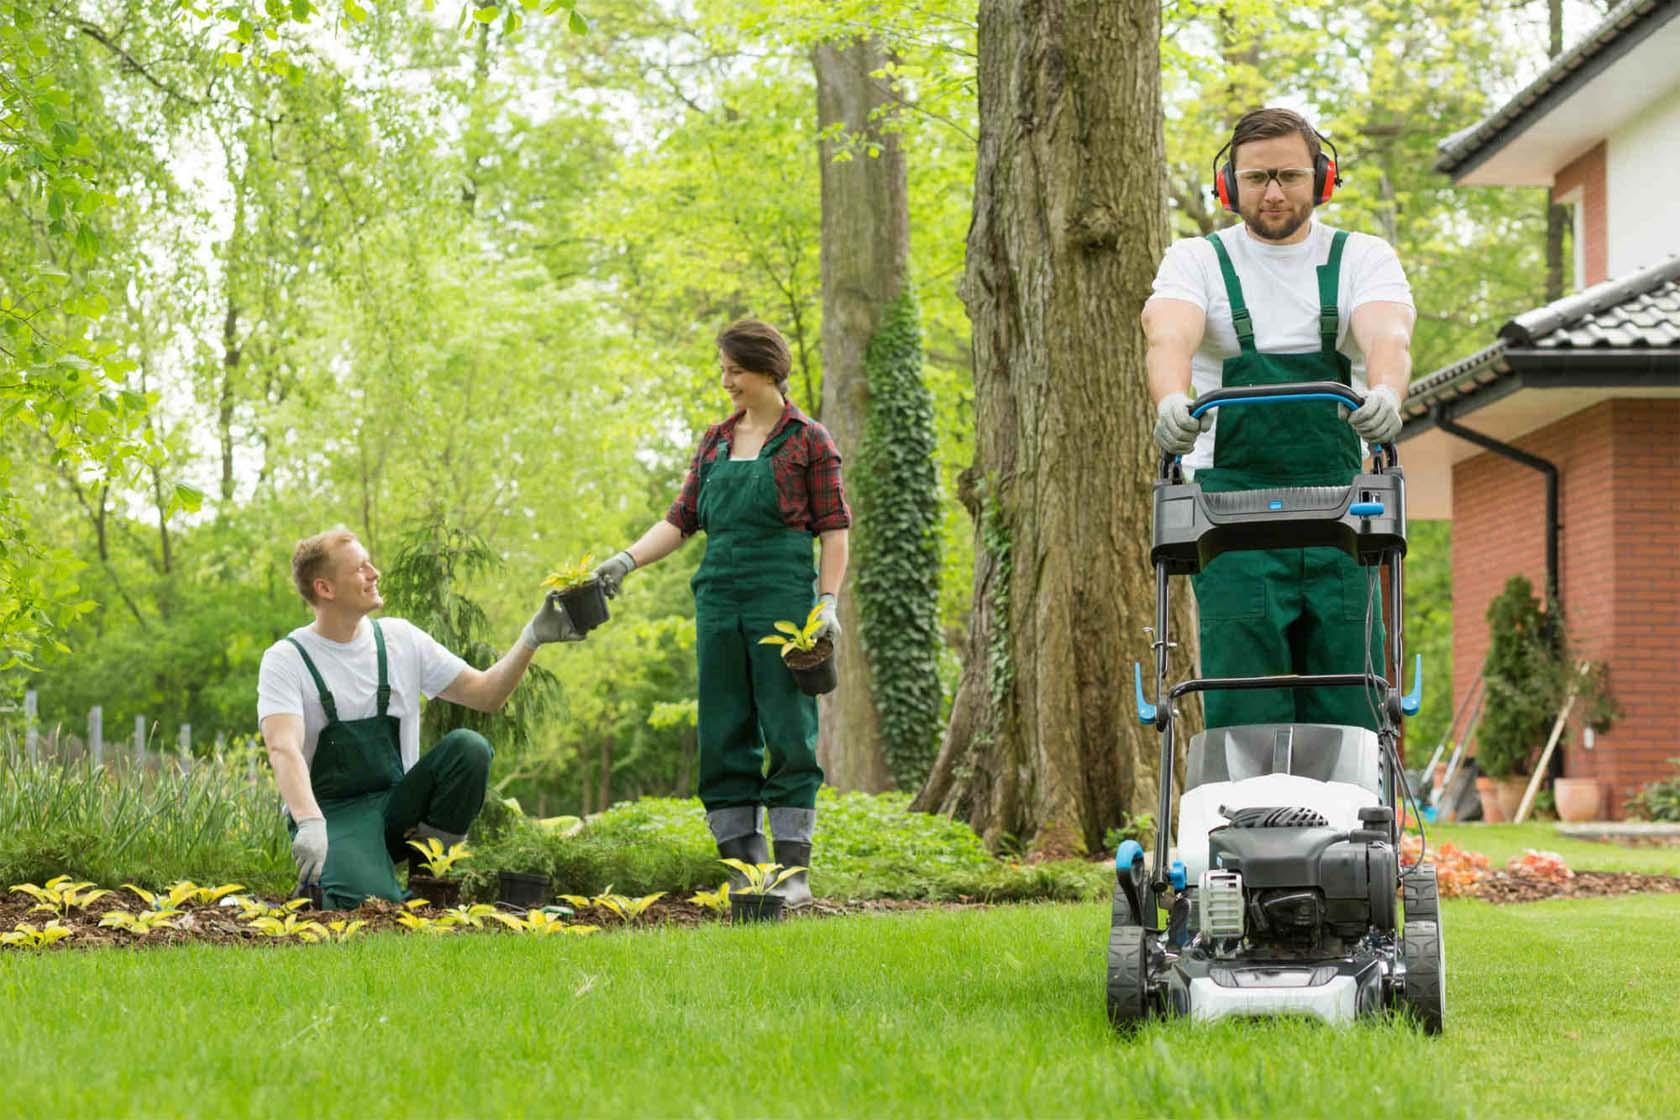 Professional Lawn Care Service